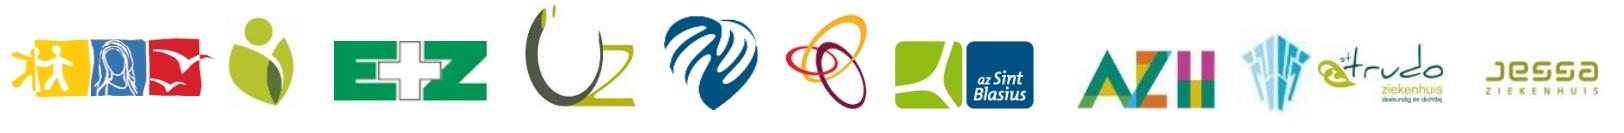 Deelnemende ziekenhuizen - logo